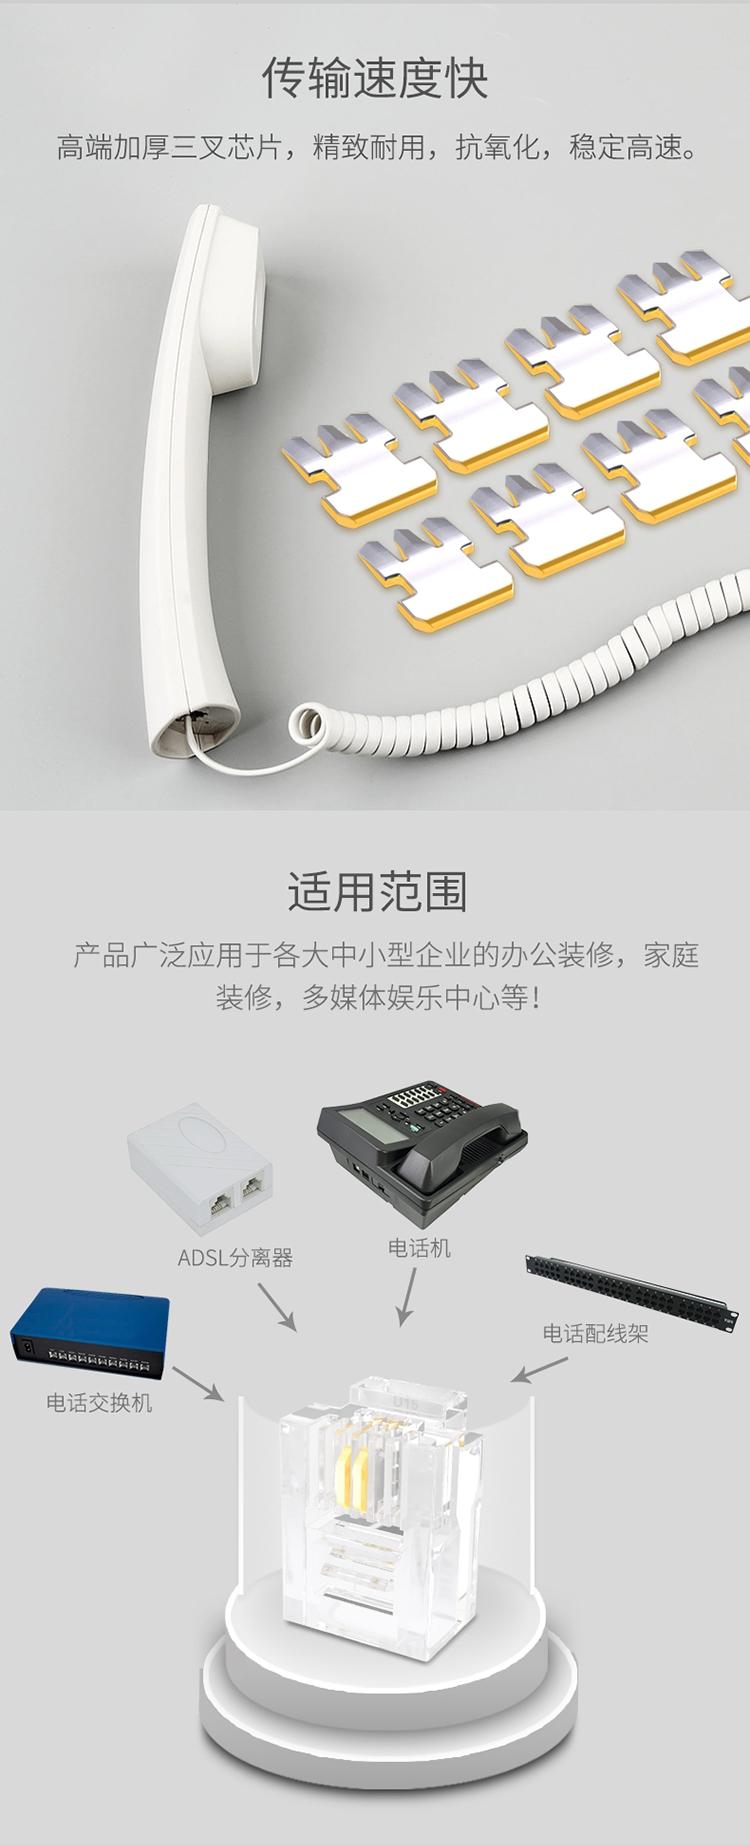 山泽(SAMZHE) 6P2C电话水晶头 语音电话线接头 RJ11电话语音水晶头 50个SJ-3250